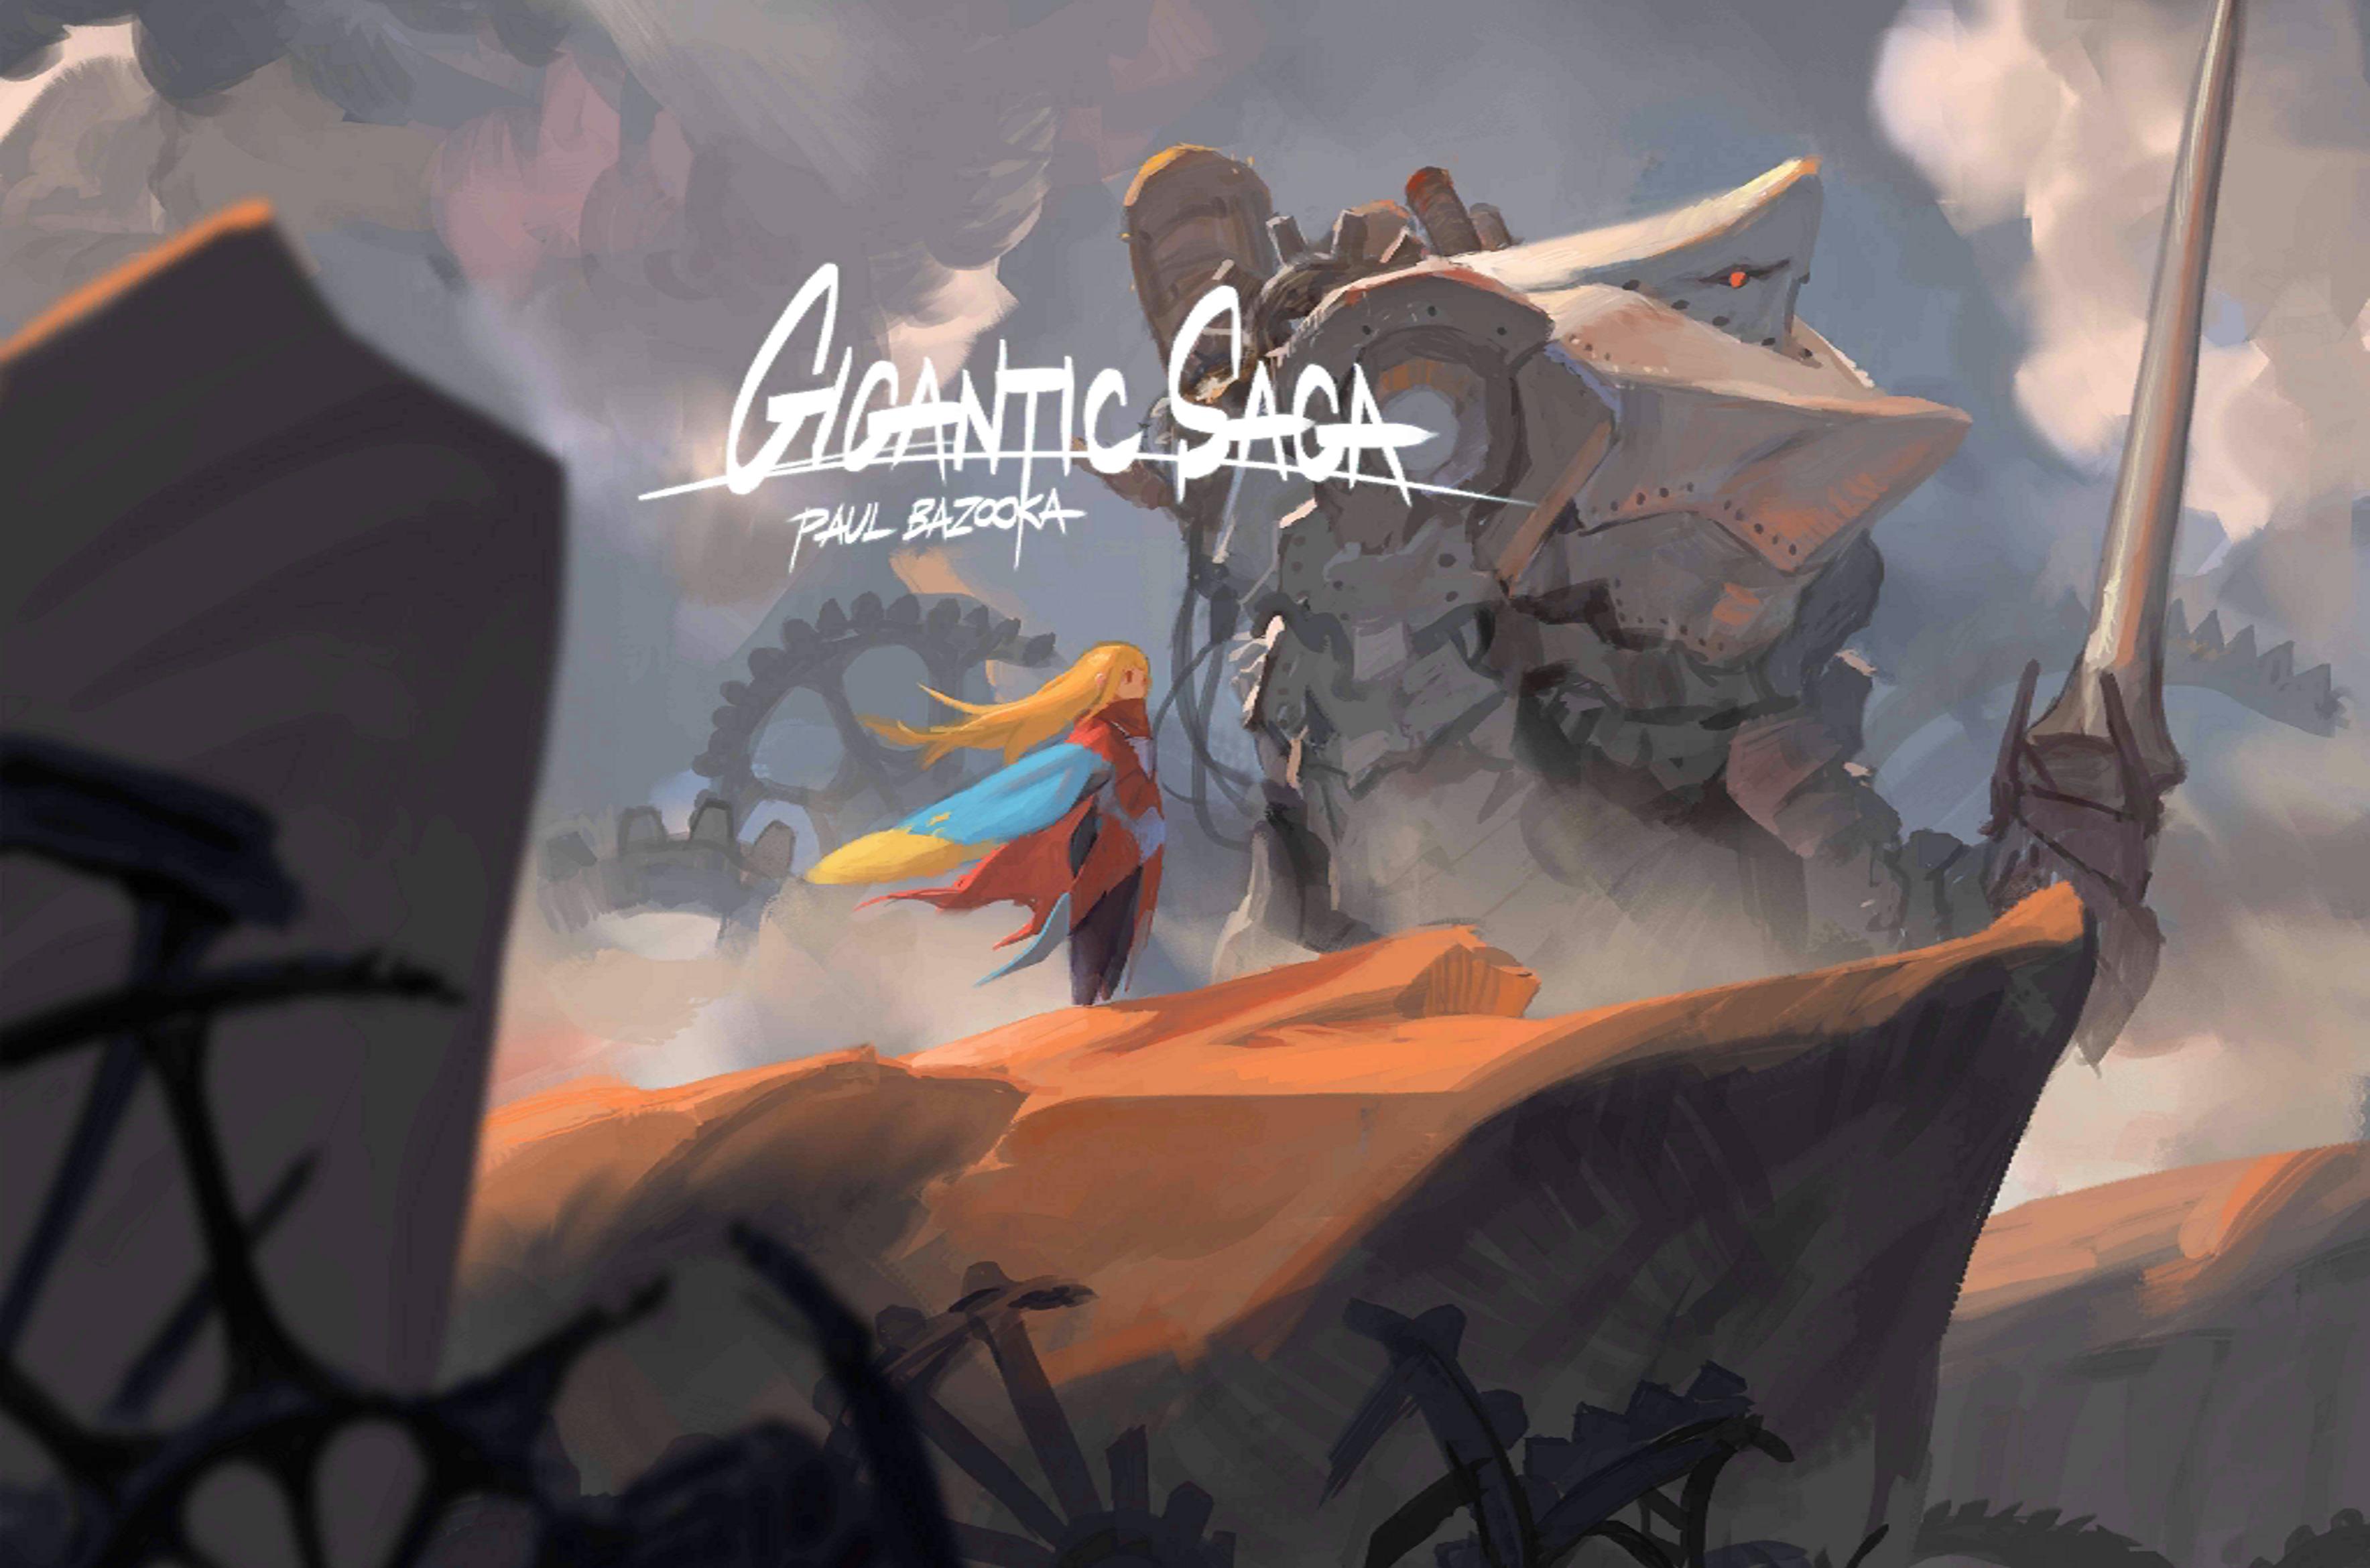 Gigantic Saga